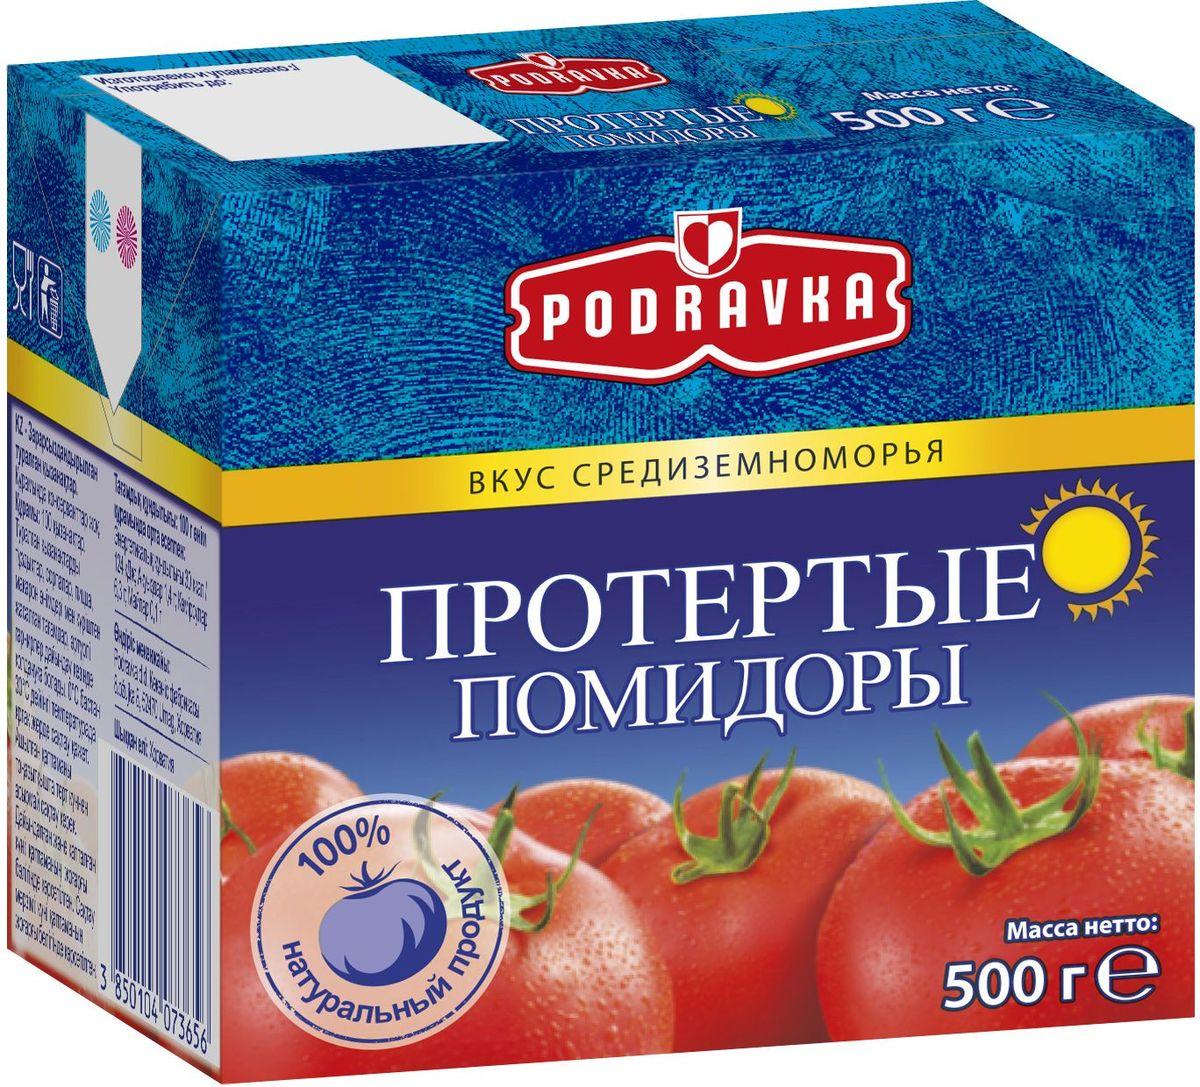 Podravka помидоры протертые, 500 г0120710Томатная продукция Podravka производится из средиземноморских помидоров, выращенных под открытым солнцем и полезных для здоровья.Отличительные особенности томатной продукции Podravka: натуральная, свежая, удобная в приготовлении, низкокалорийная, без консервантов, с высоким содержанием ликопена.